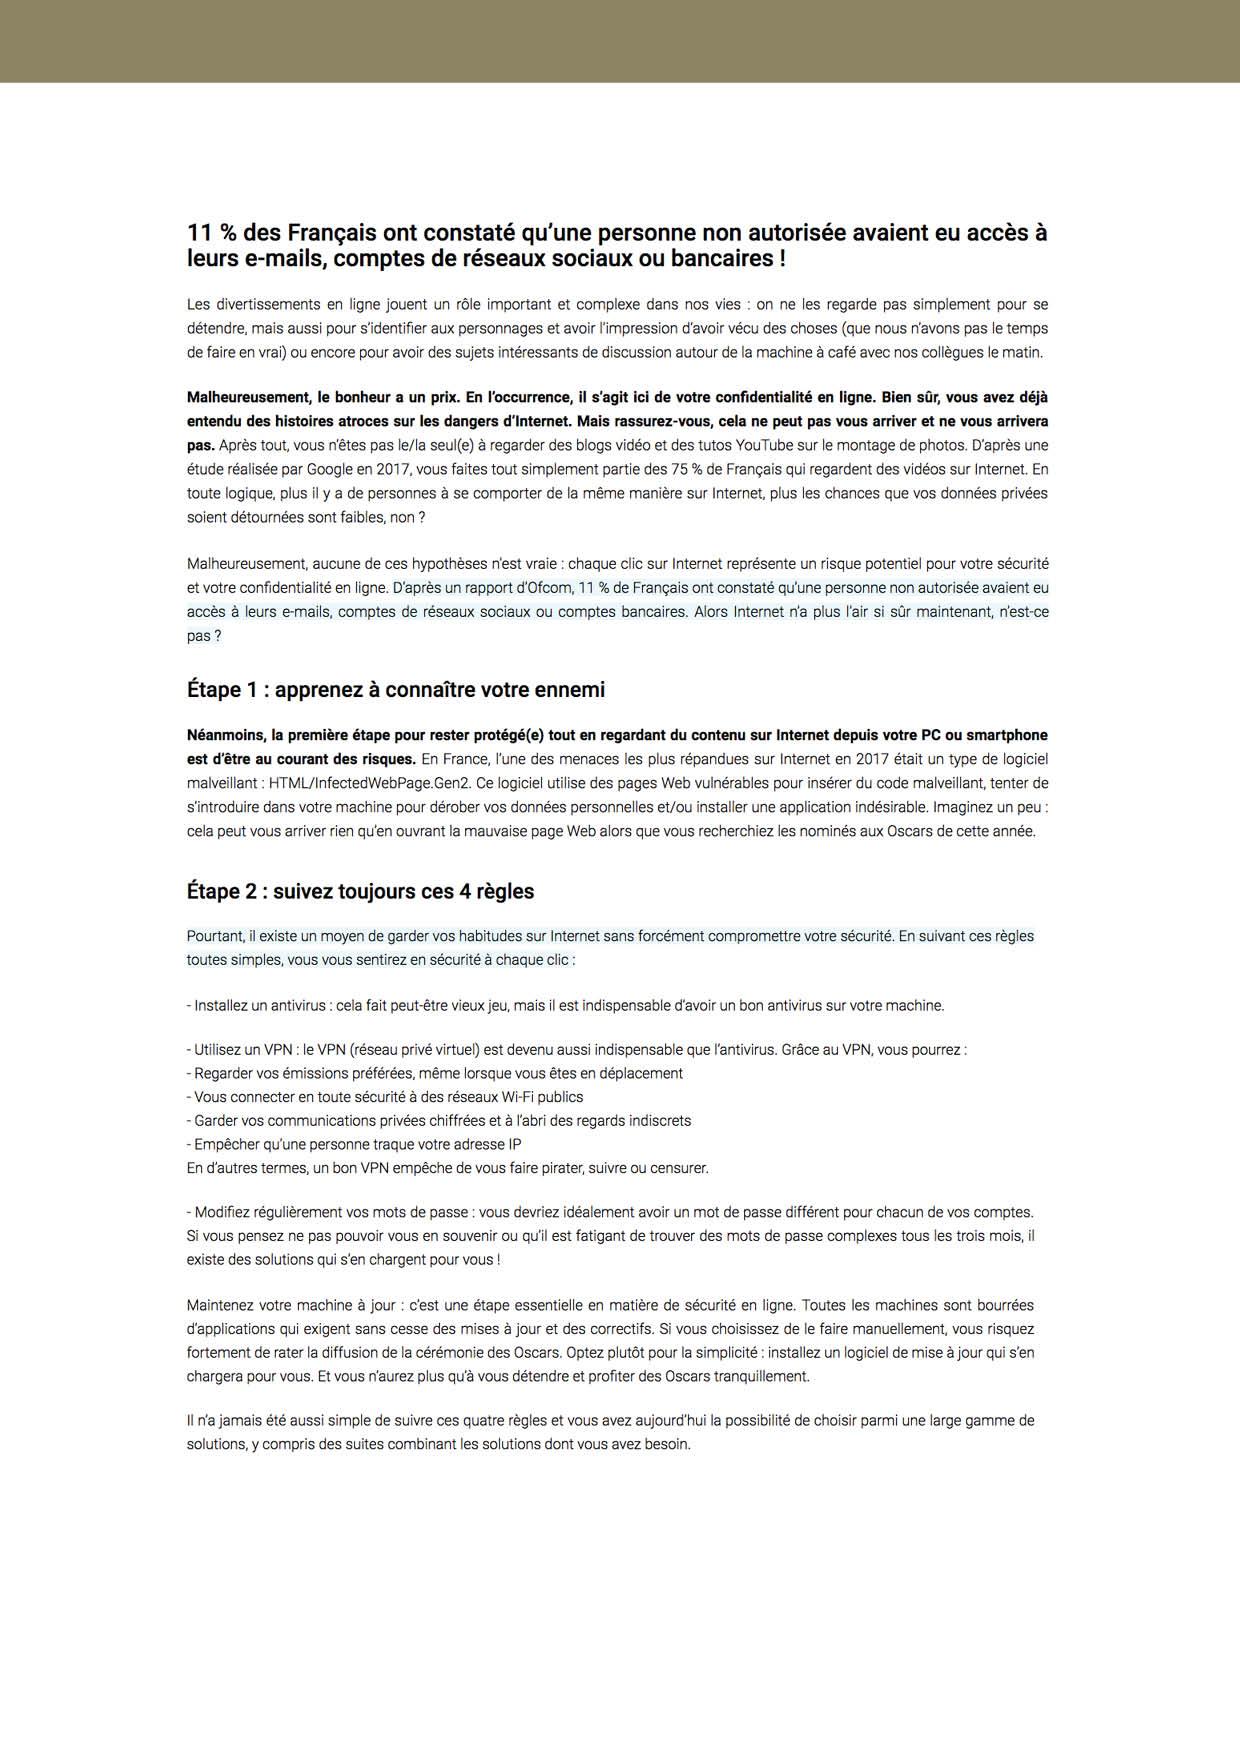 BOOKMEDIA_FEV_WEB47.jpg